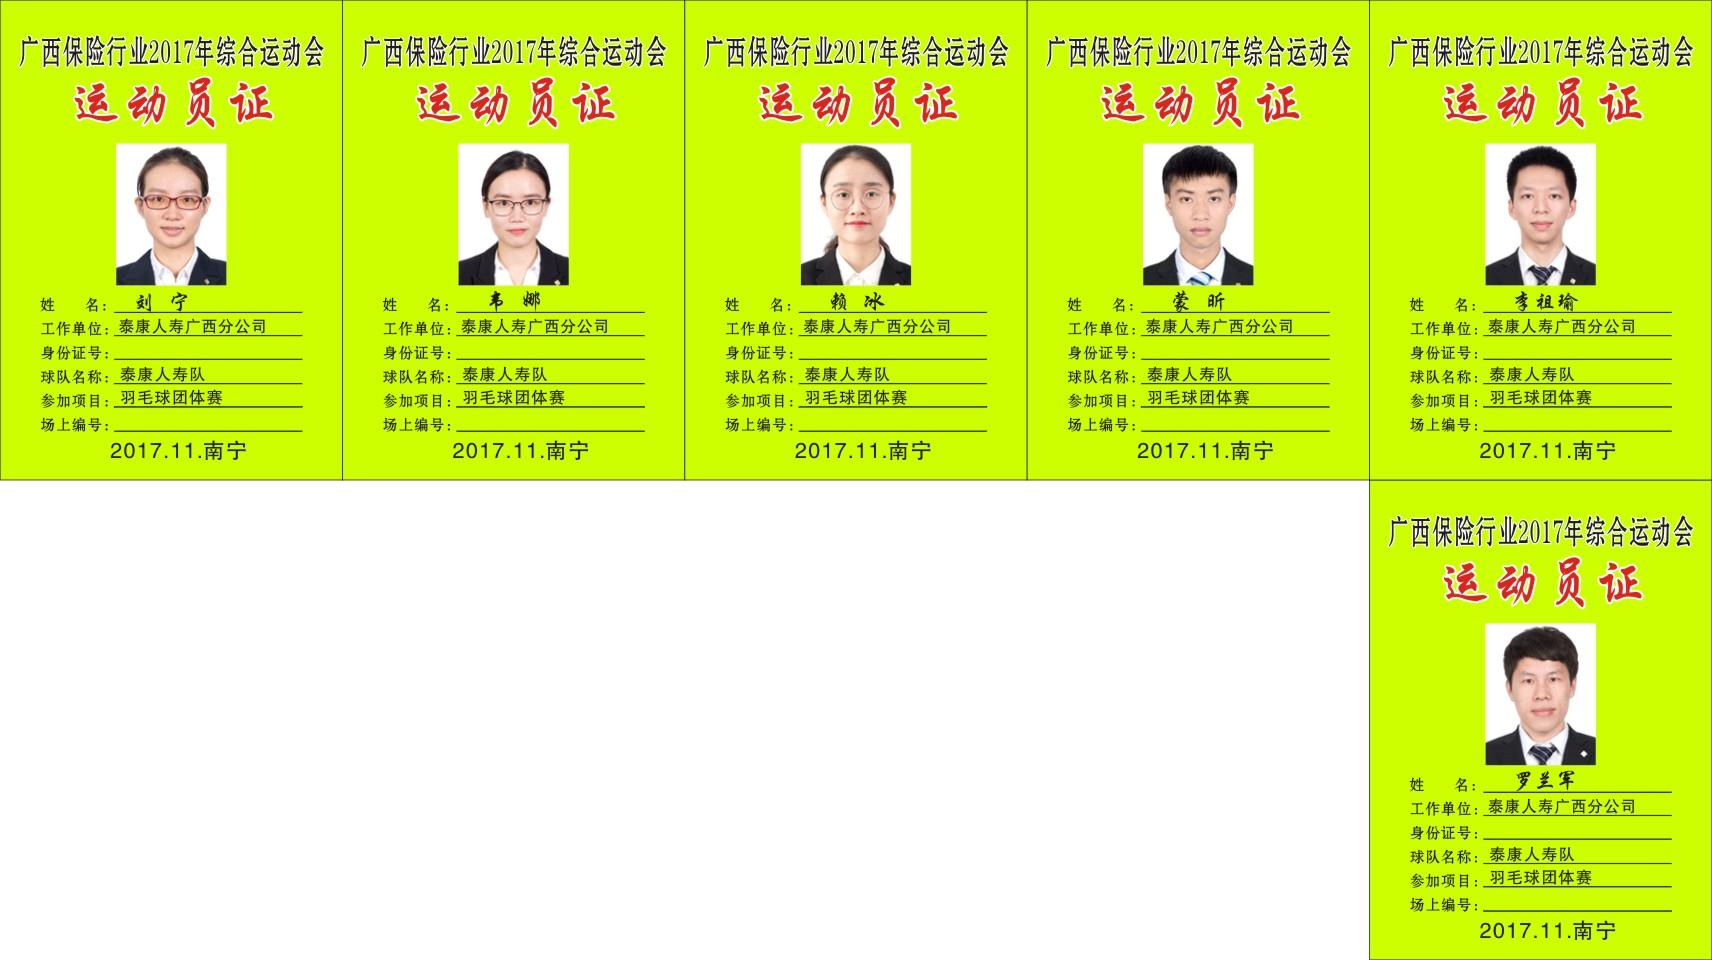 9泰康人寿广西分公司.jpg